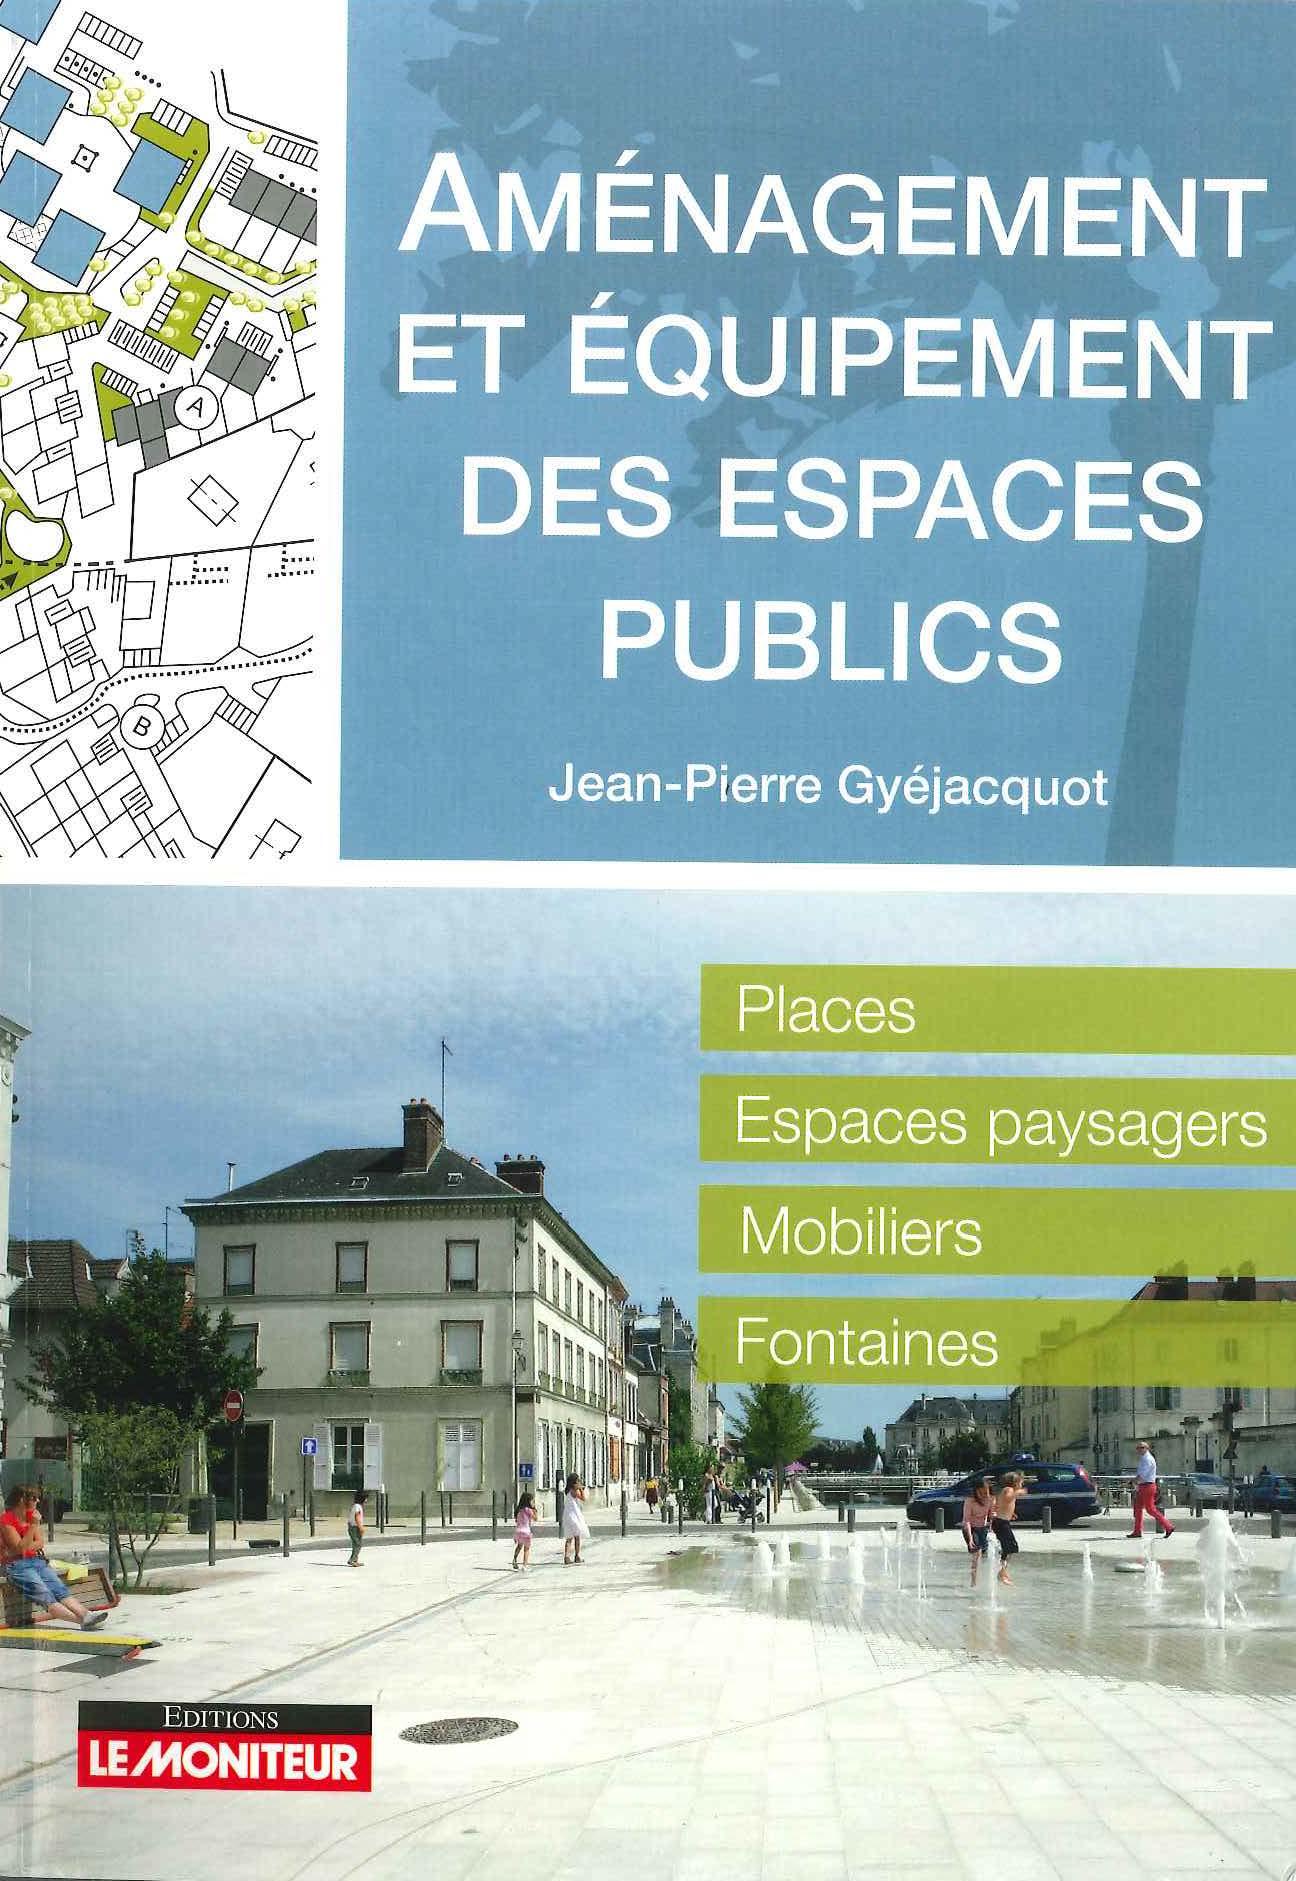 Aménagement et Equipements des espaces publics